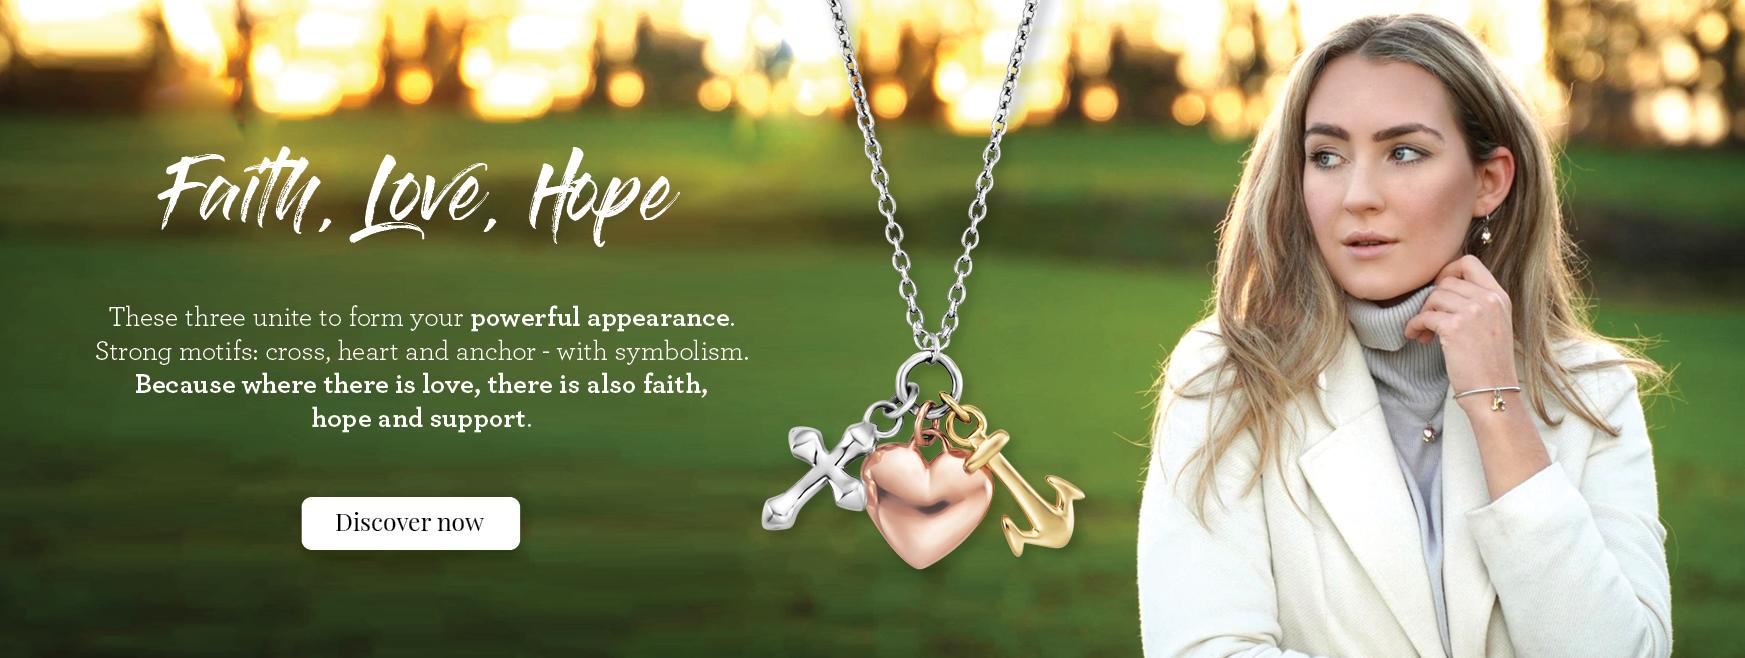 Glaube,Liebe,Hoffnung